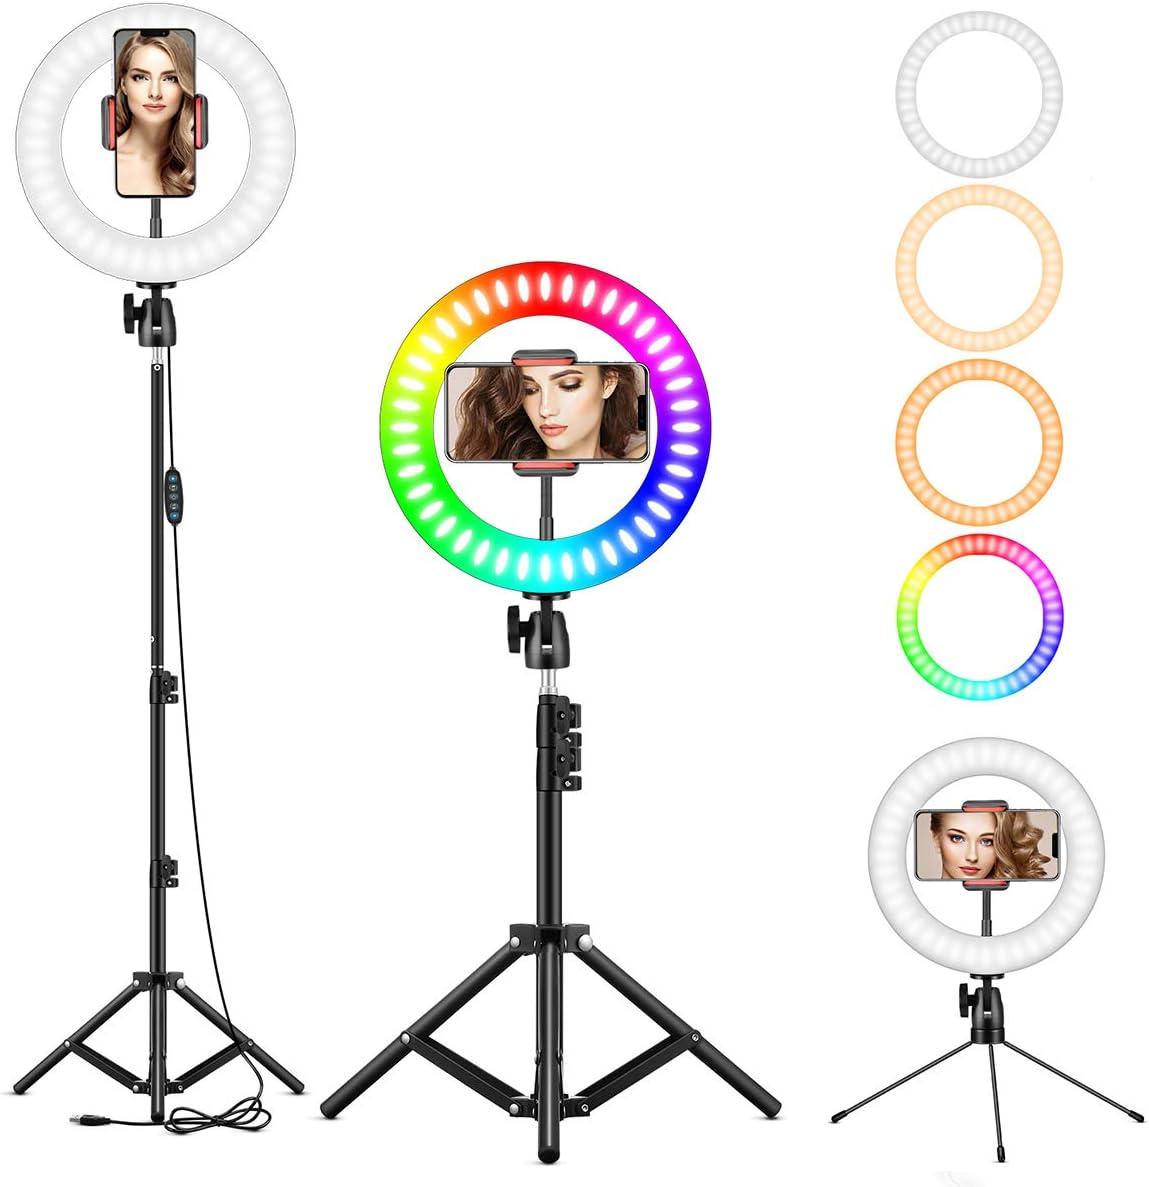 6500 K avec tr/épied et Support pour t/él/éphone Portable pour Flux en Direct//Maquillage//Youtube//TikTok//Photographie lumi/ère LED 3200 Anneau Lumineux pour Selfie RVB de 25,4 cm